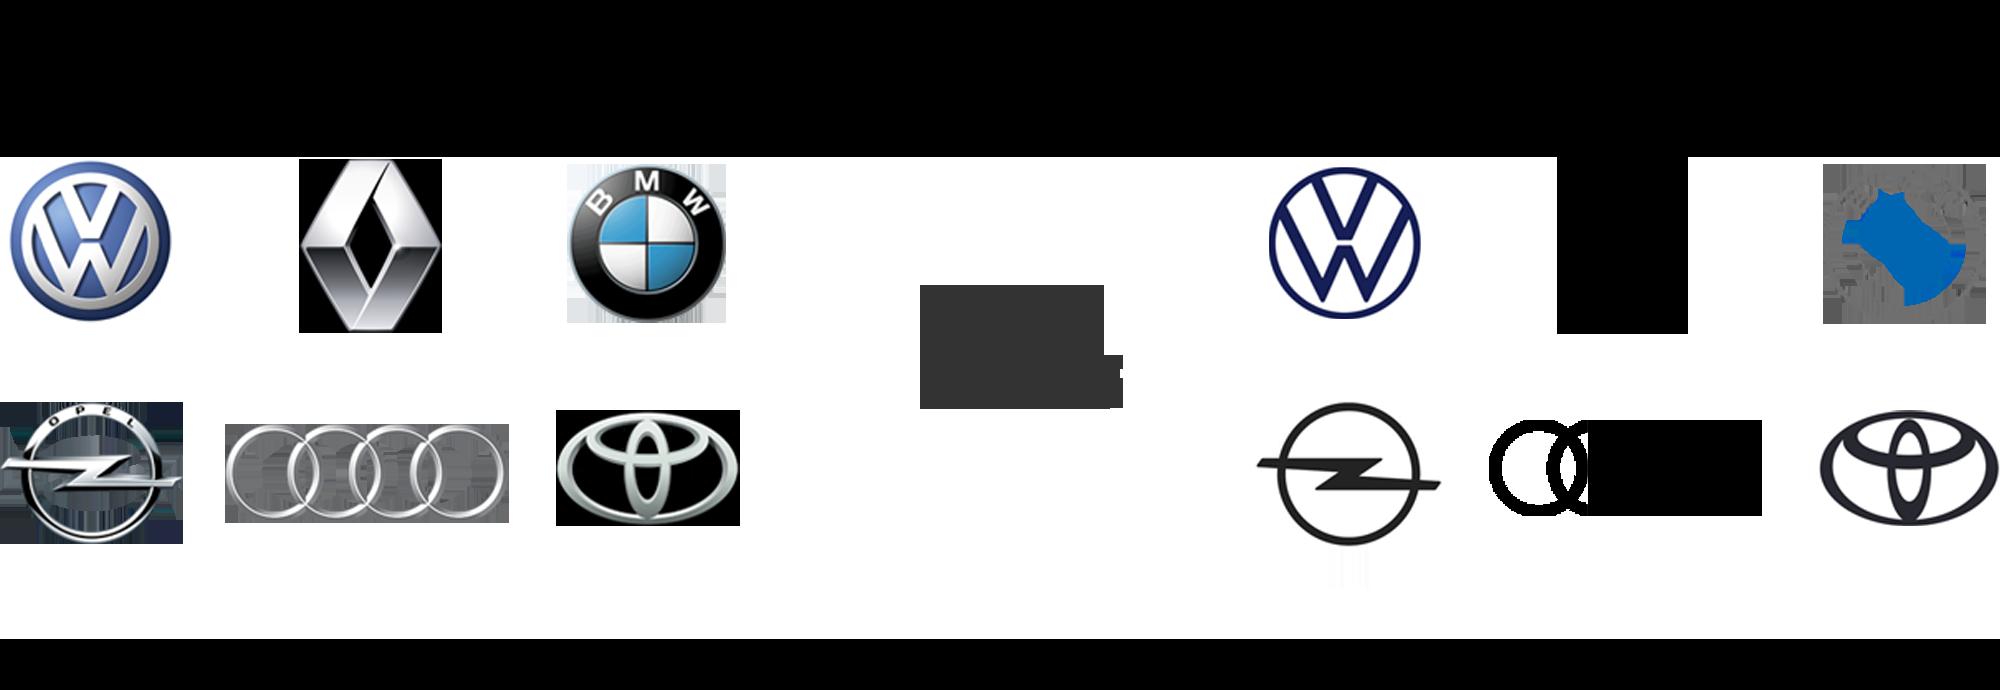 Die neuen und alten Logos der untersuchten Auto-Marken